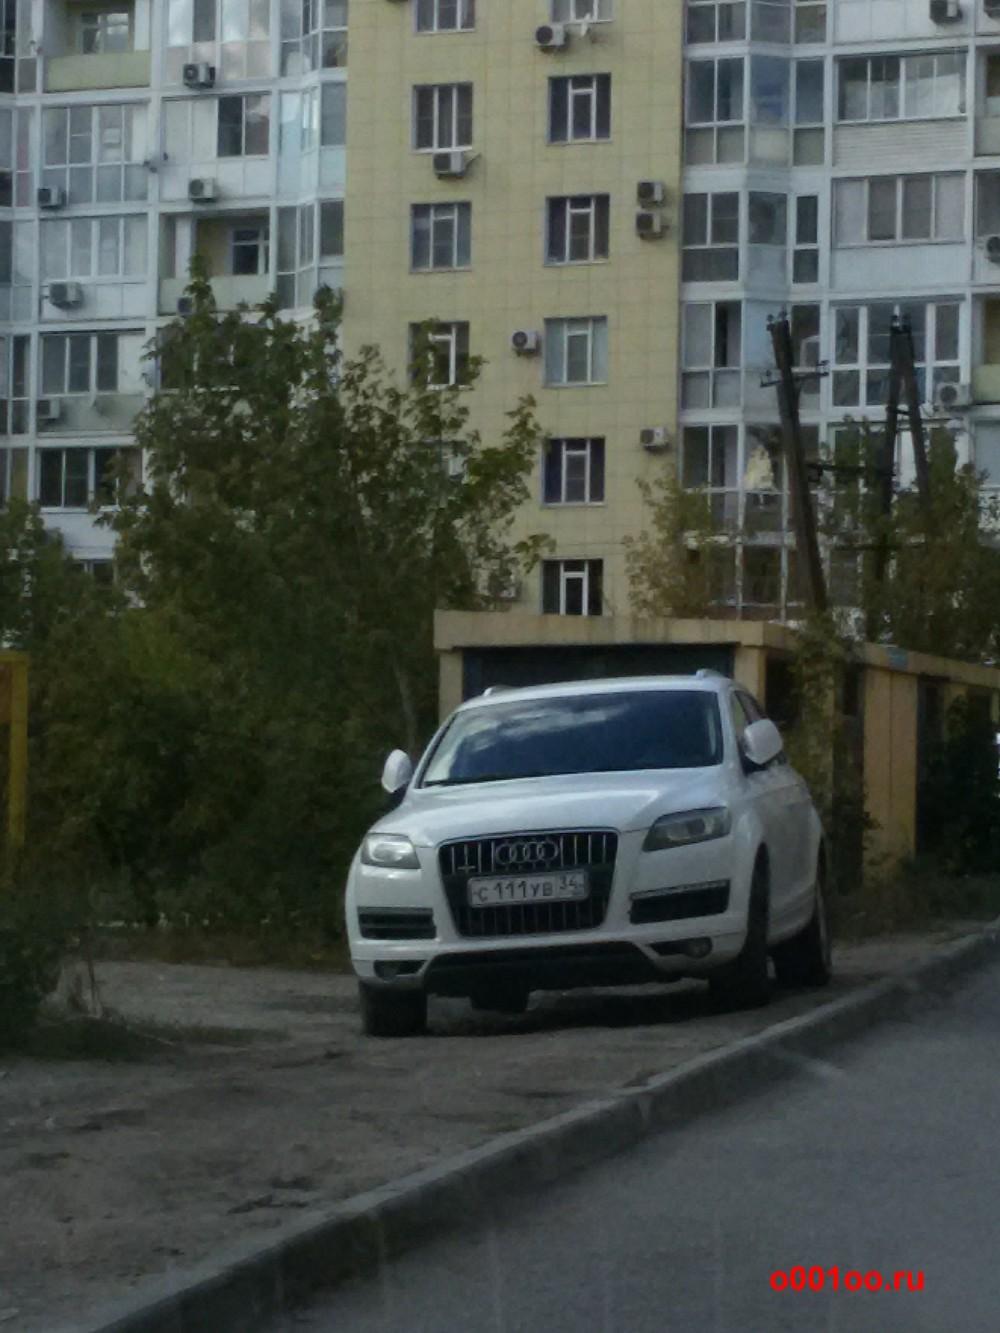 с111ув34